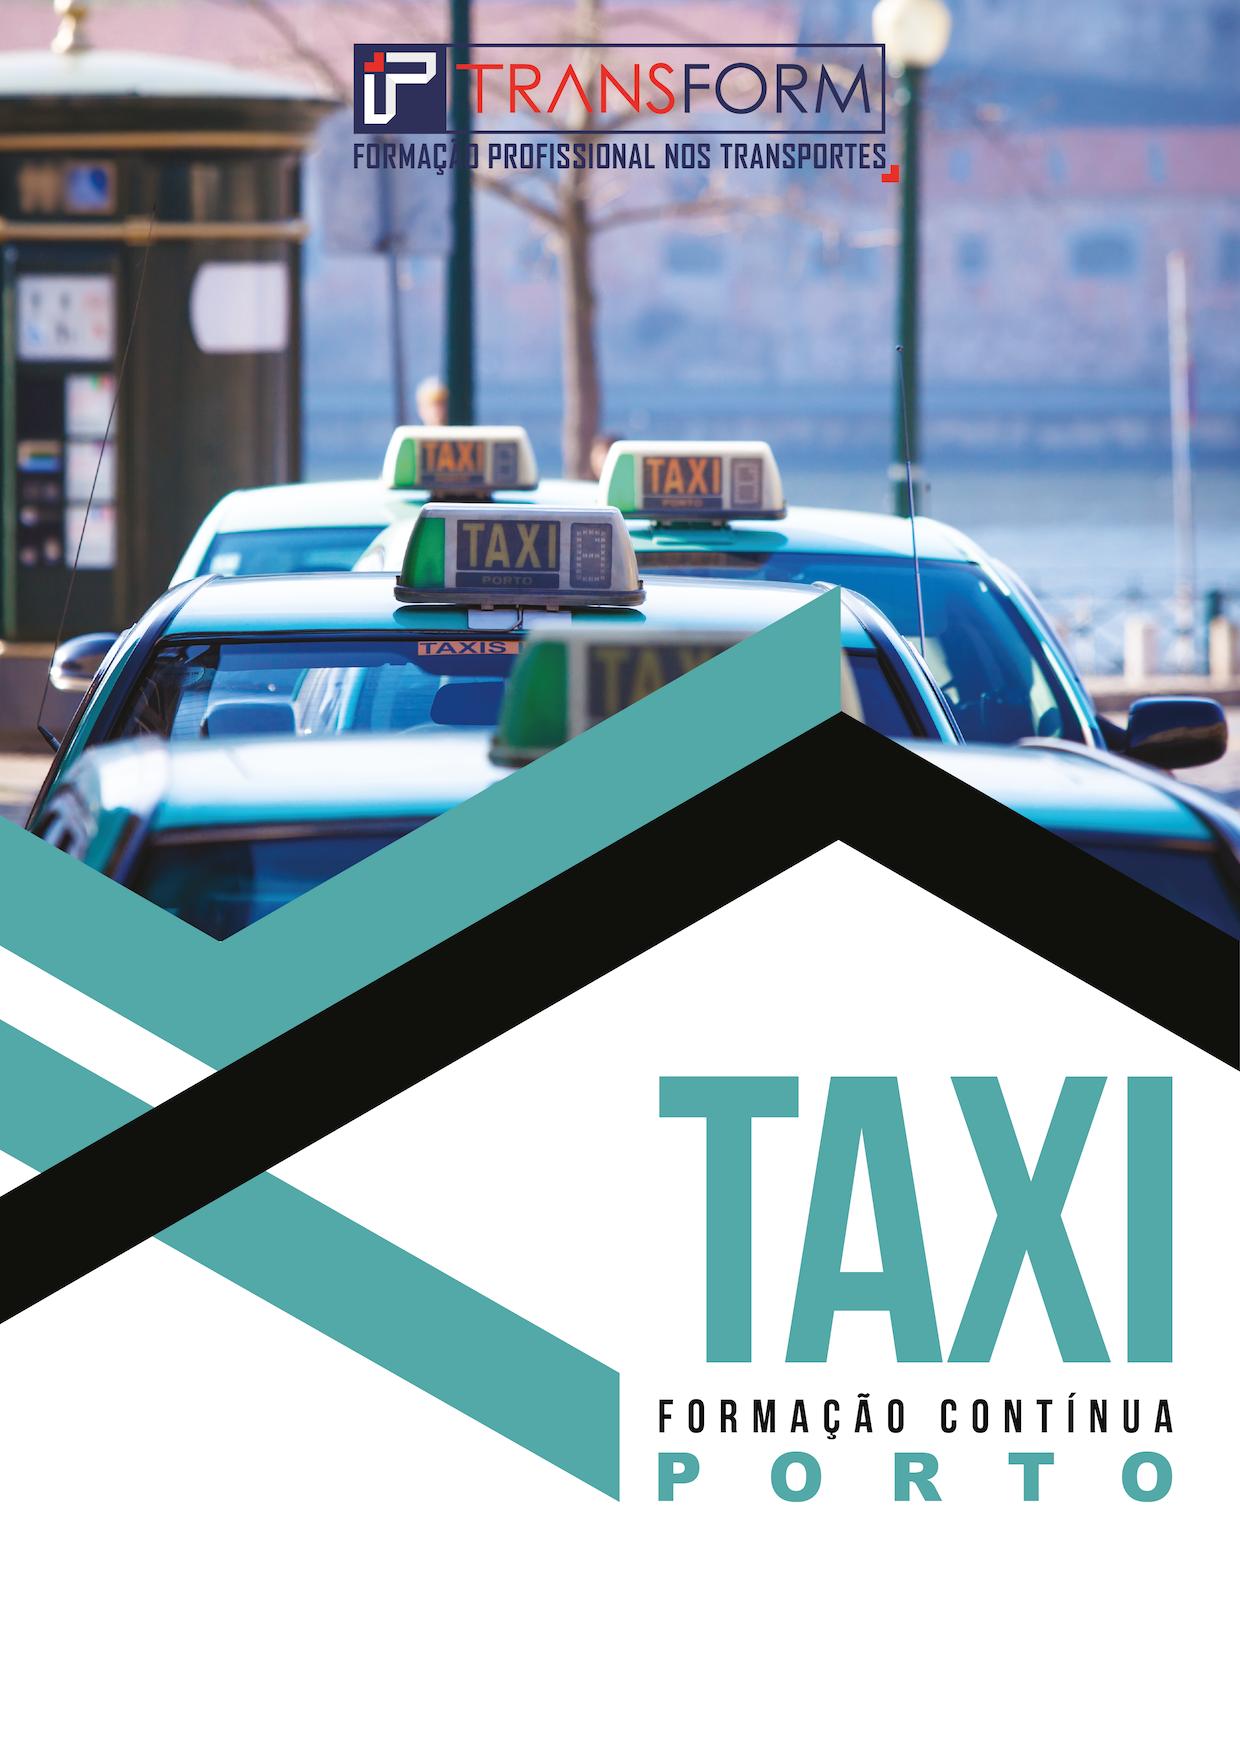 21/03 CMT FC - Rádi Taxis